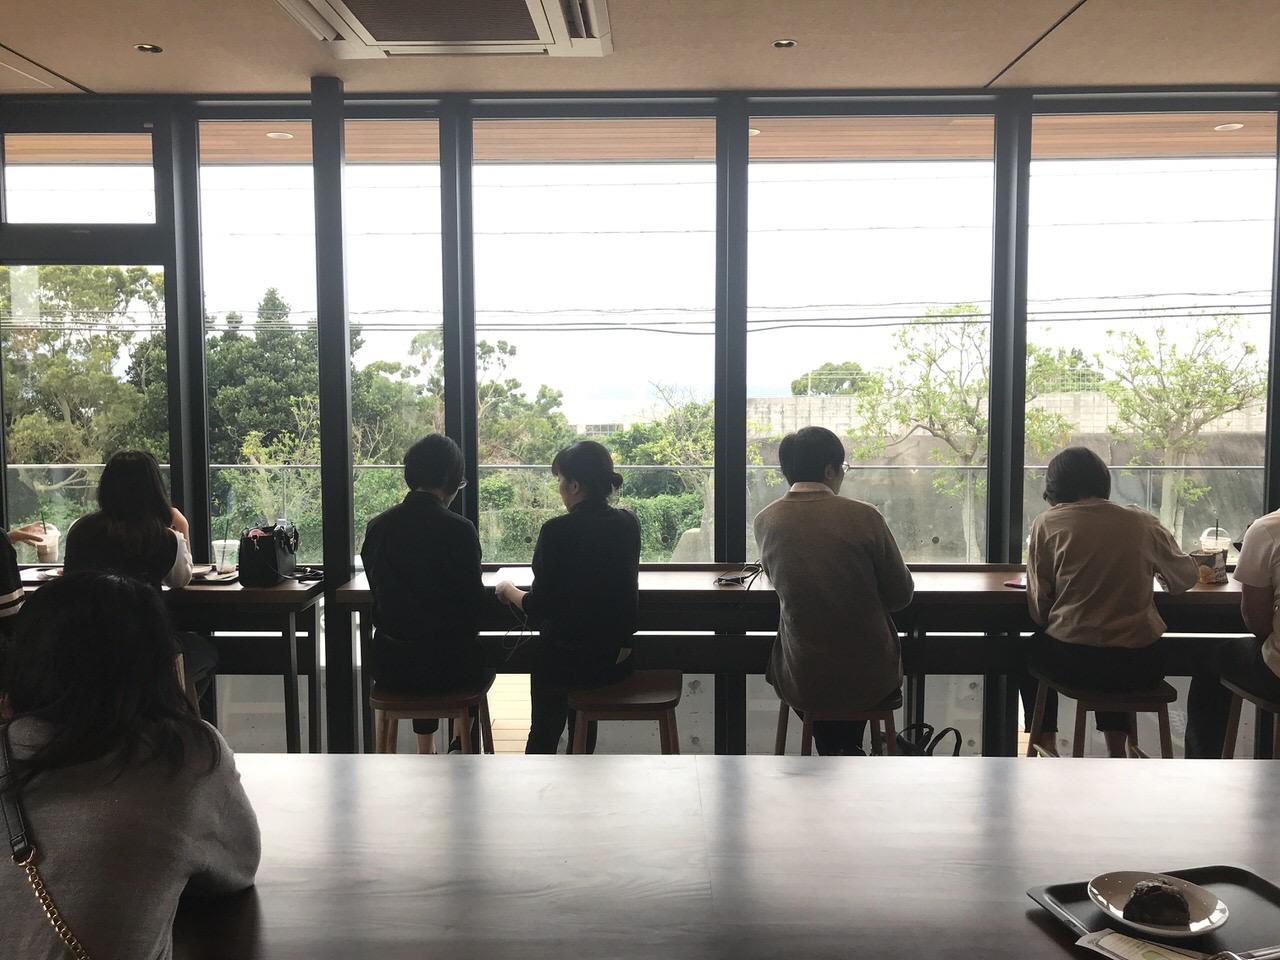 スターバックス 沖縄本部町店 1階 2